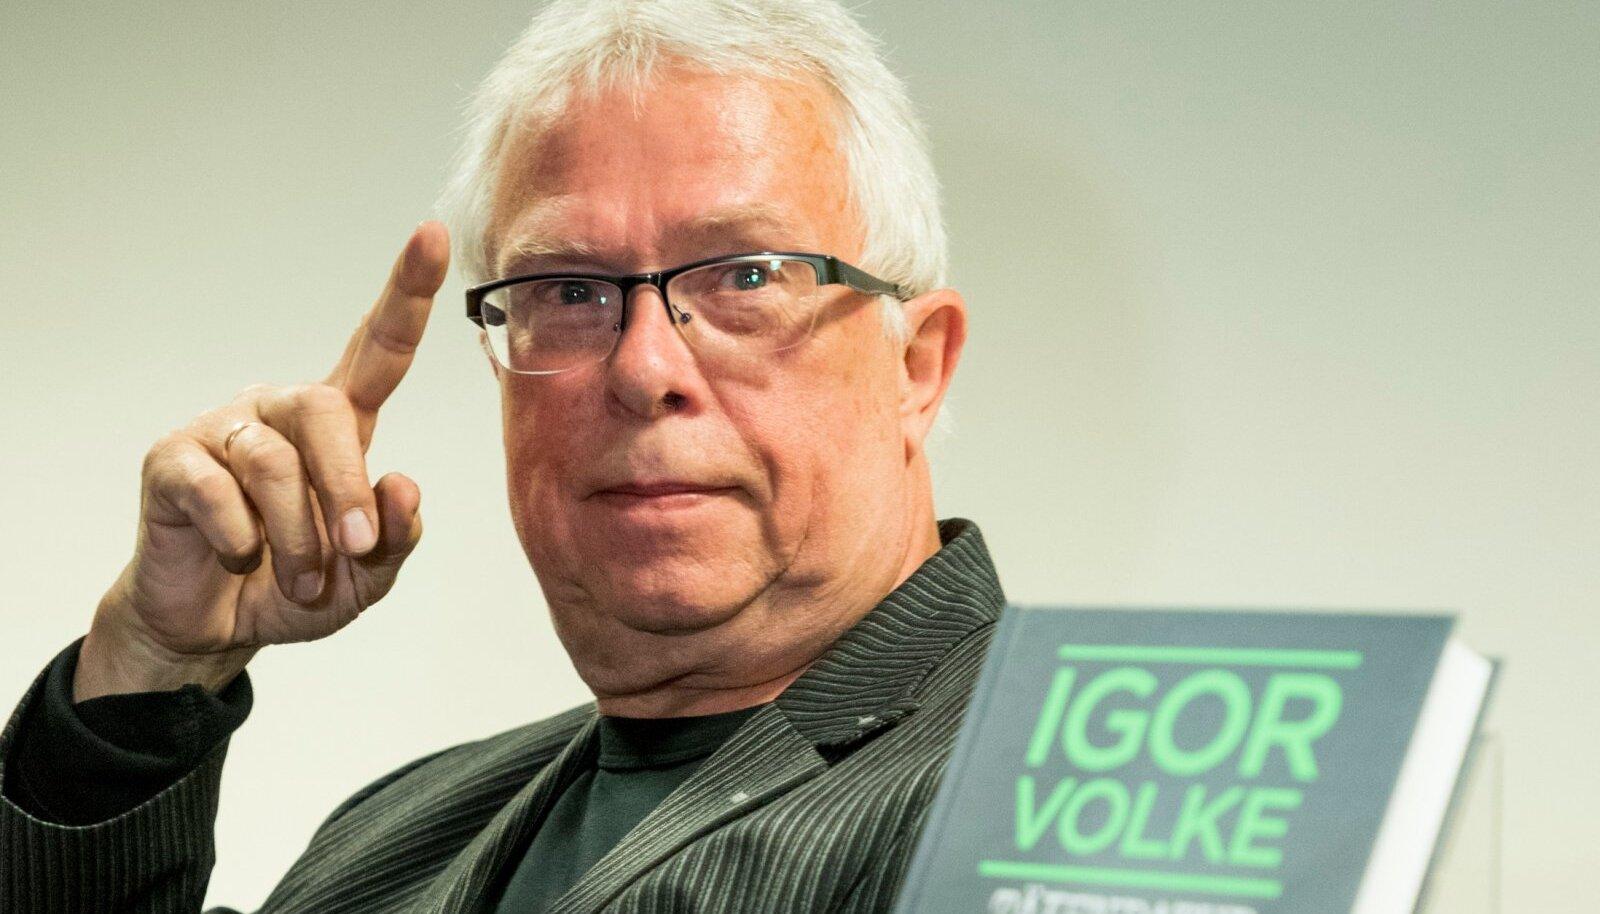 """Igor Volke esitles värvikale seltskonnale unikaalset ufo-antoloogiat """"Täiendatud ufopäevikud"""""""